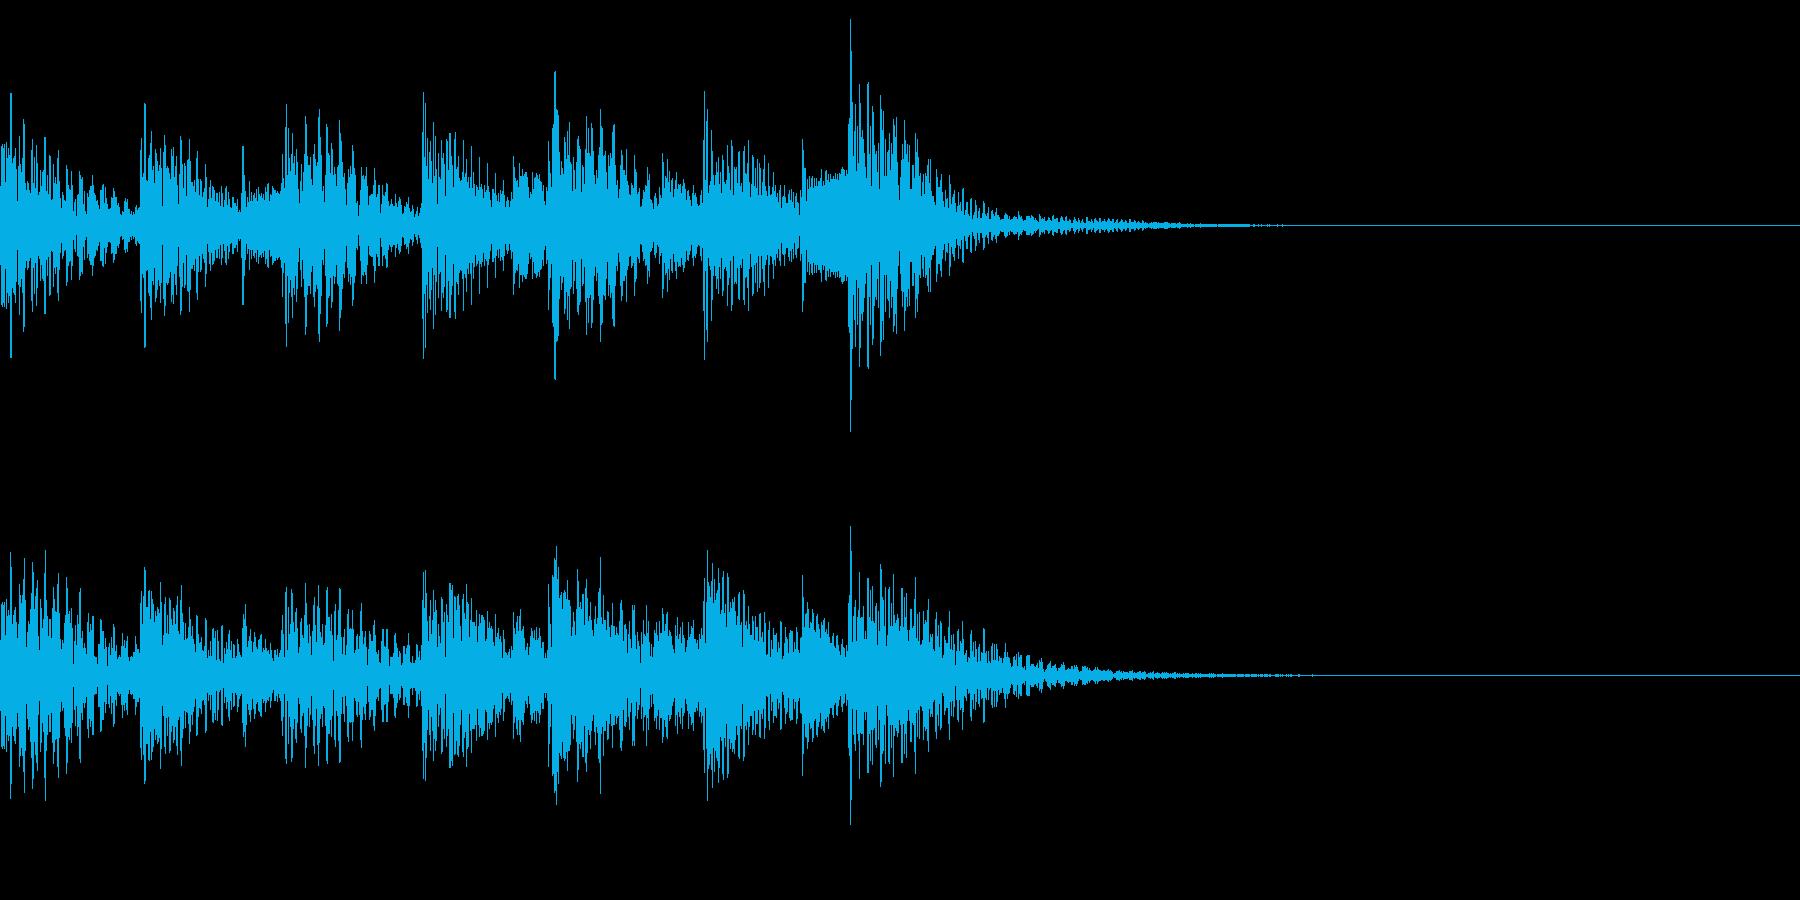 葬送行進曲風のゲームオーバー~低め~の再生済みの波形